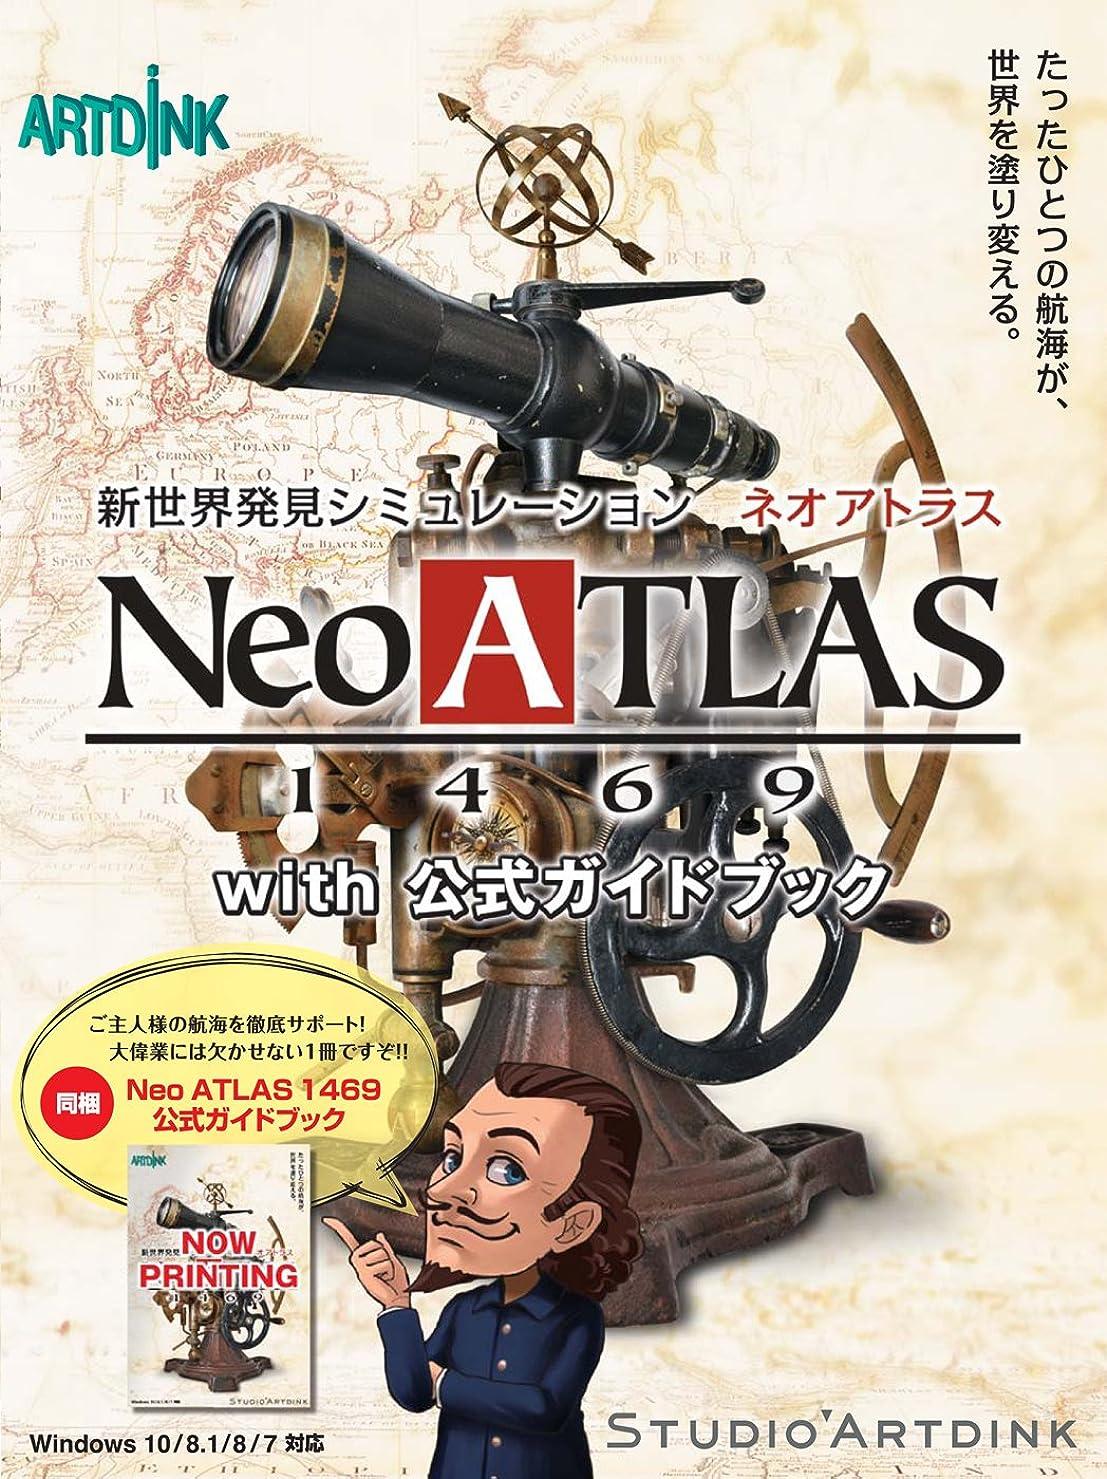 アラブ結晶突然のアートディンク Neo ATLAS 1469 with 公式ガイドブック